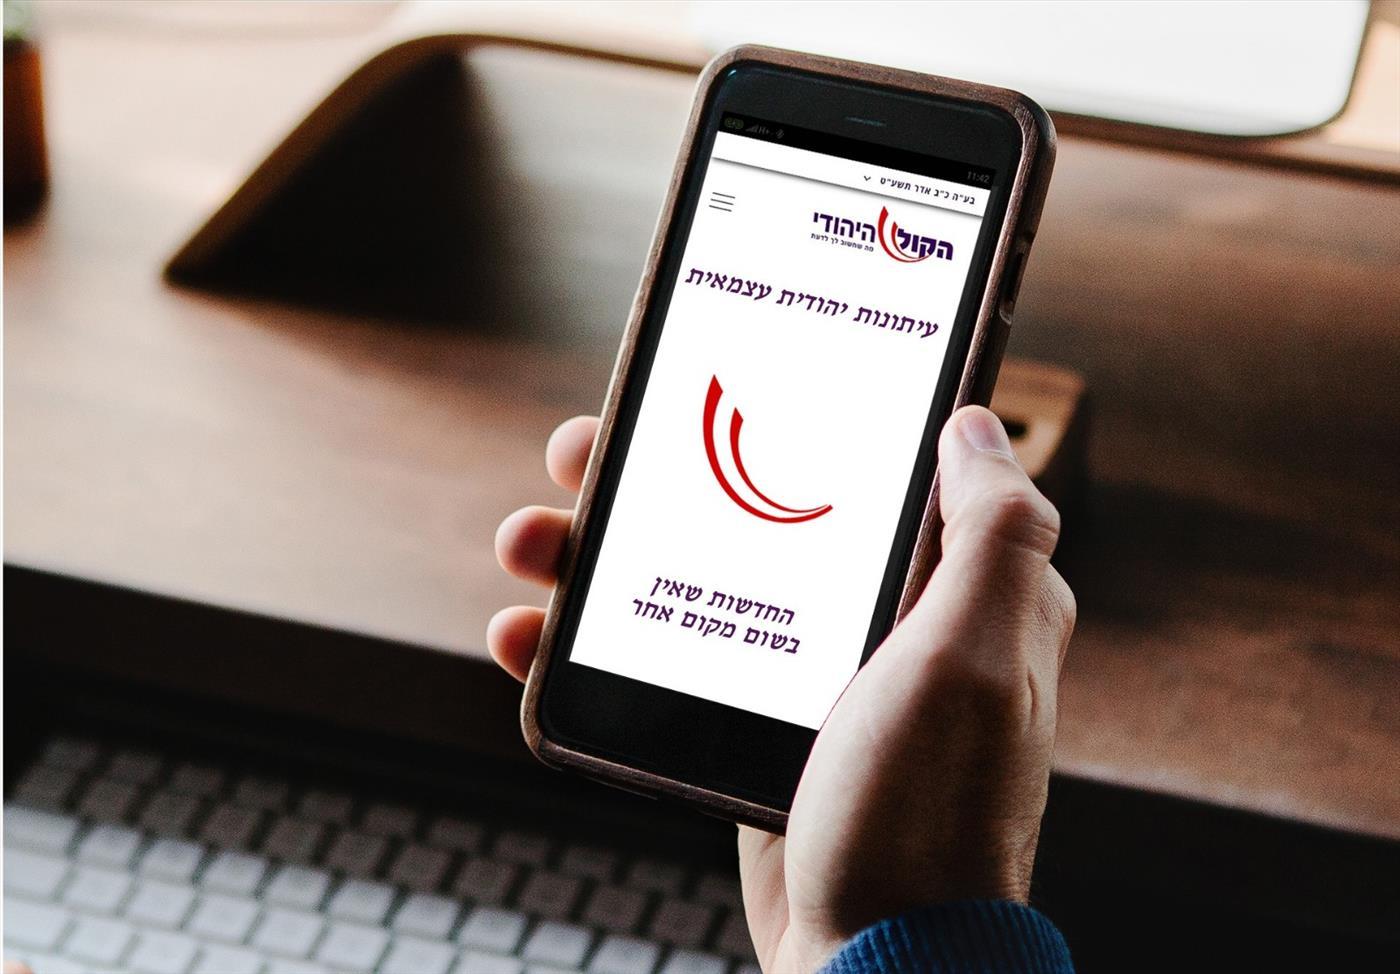 הישאר מעודכן באפליקציה לנייד